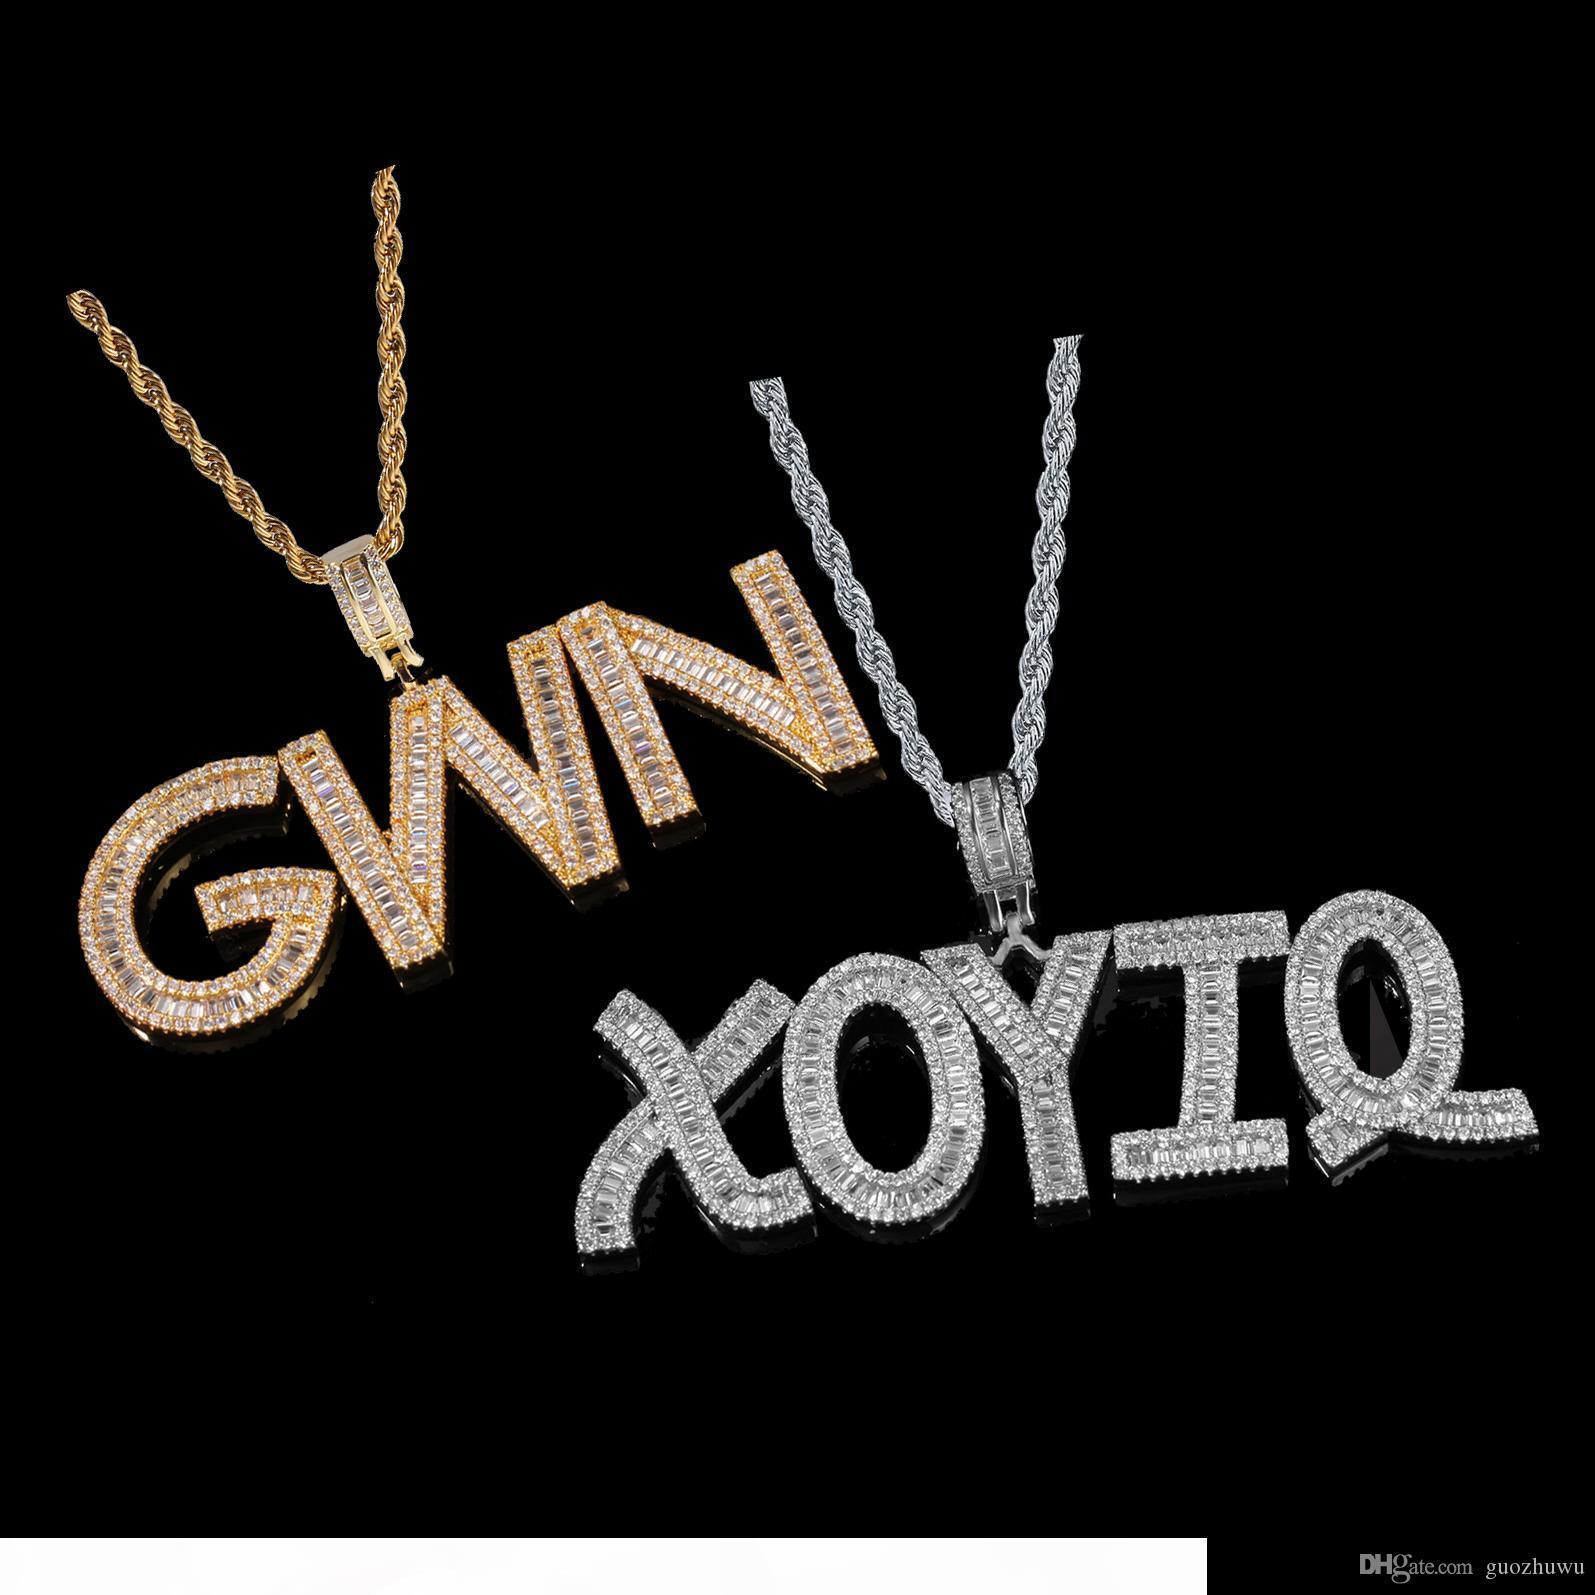 Nuovo personalizzati diamante di Bling A-Z iniziale Hip lettere ciondolo misura collana nome fuori ghiacciato CZ zircone oro Hop Rapper gioielli uomini donne